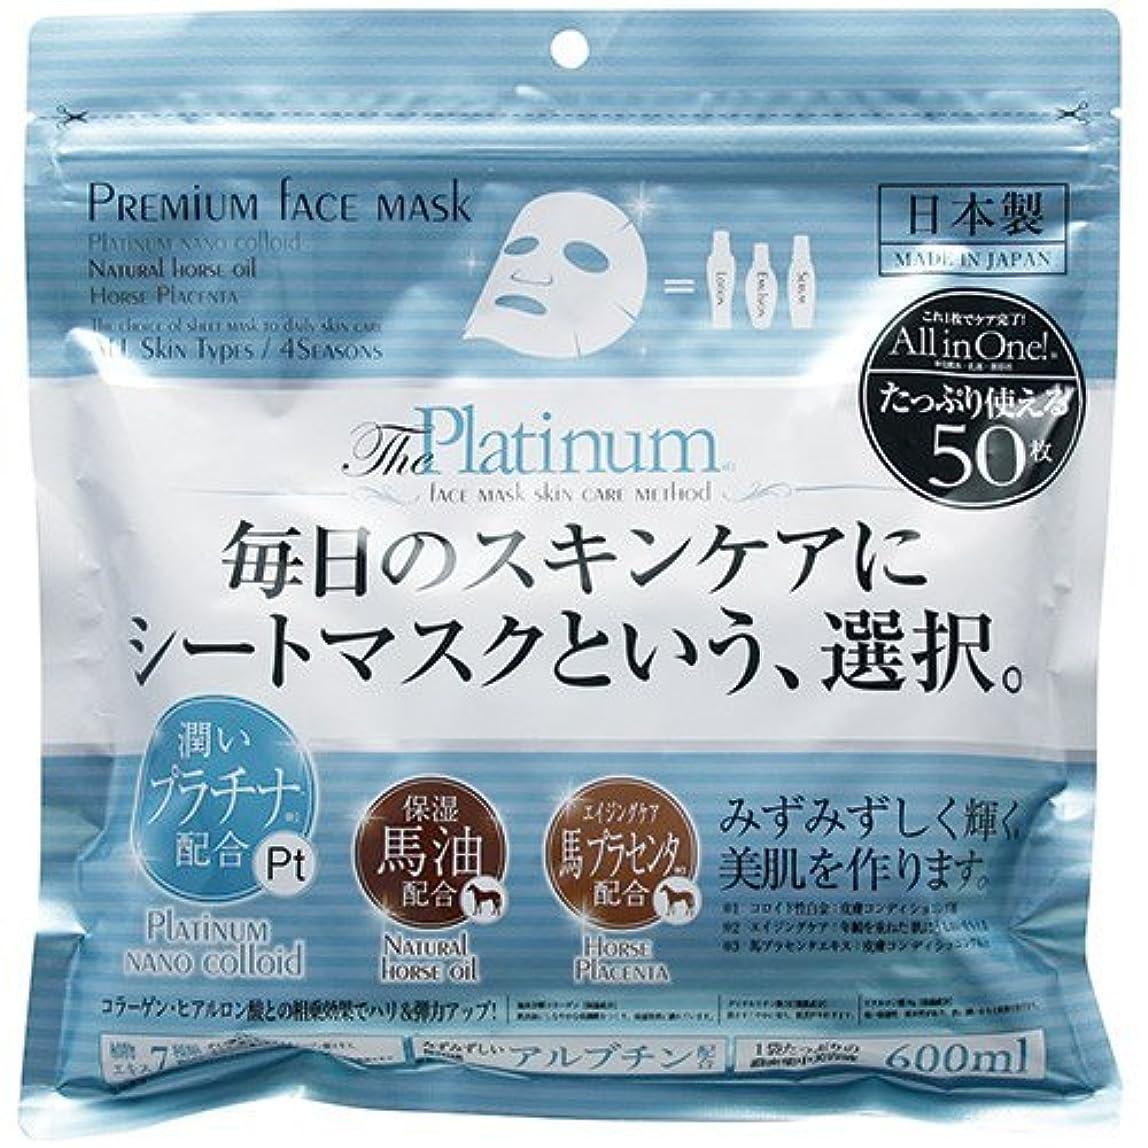 ラバ騒乱クランプ【進製作所】プレミアムフェイスマスク プラチナ 50枚 ×3個セット